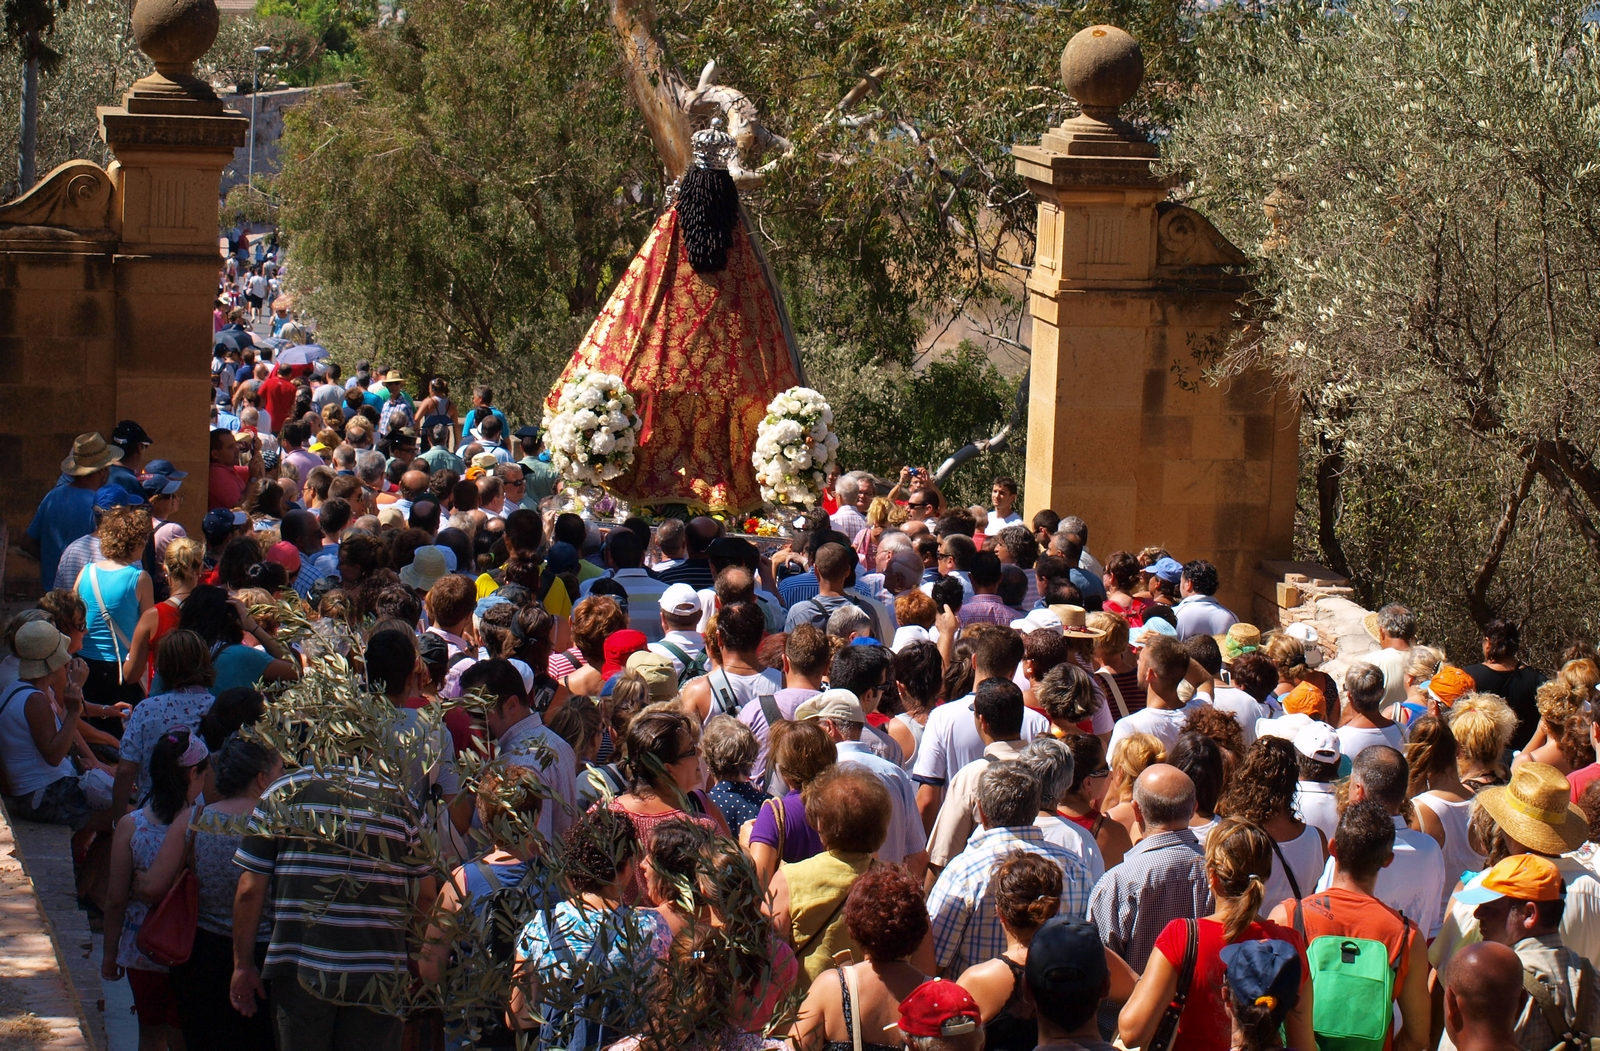 Nuestra Señora de la Fuensanta, Brotó una Fuente Santa, España (13 mar, 2º dom sep)